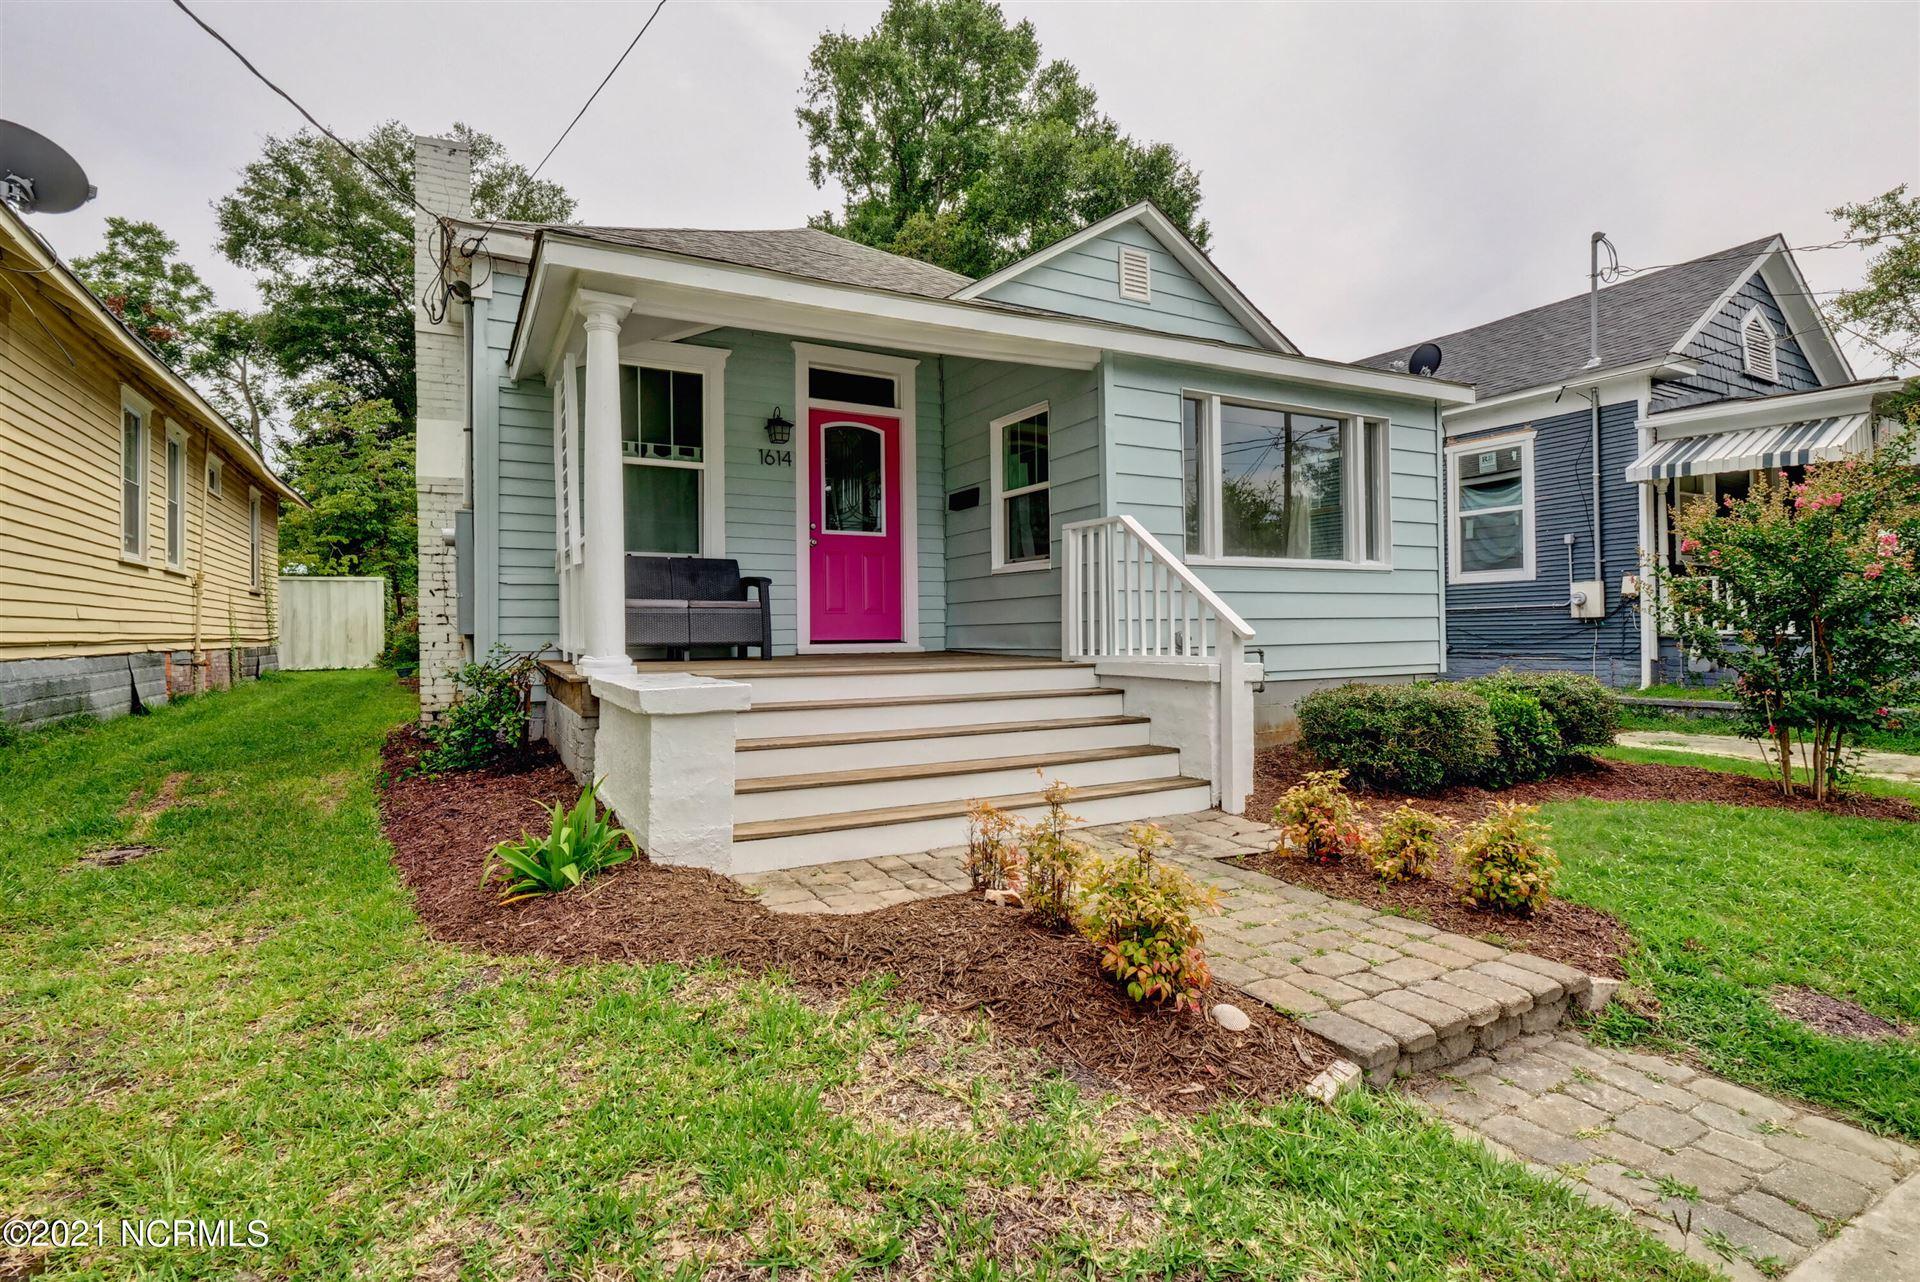 Photo for 1614 Orange Street, Wilmington, NC 28401 (MLS # 100283591)